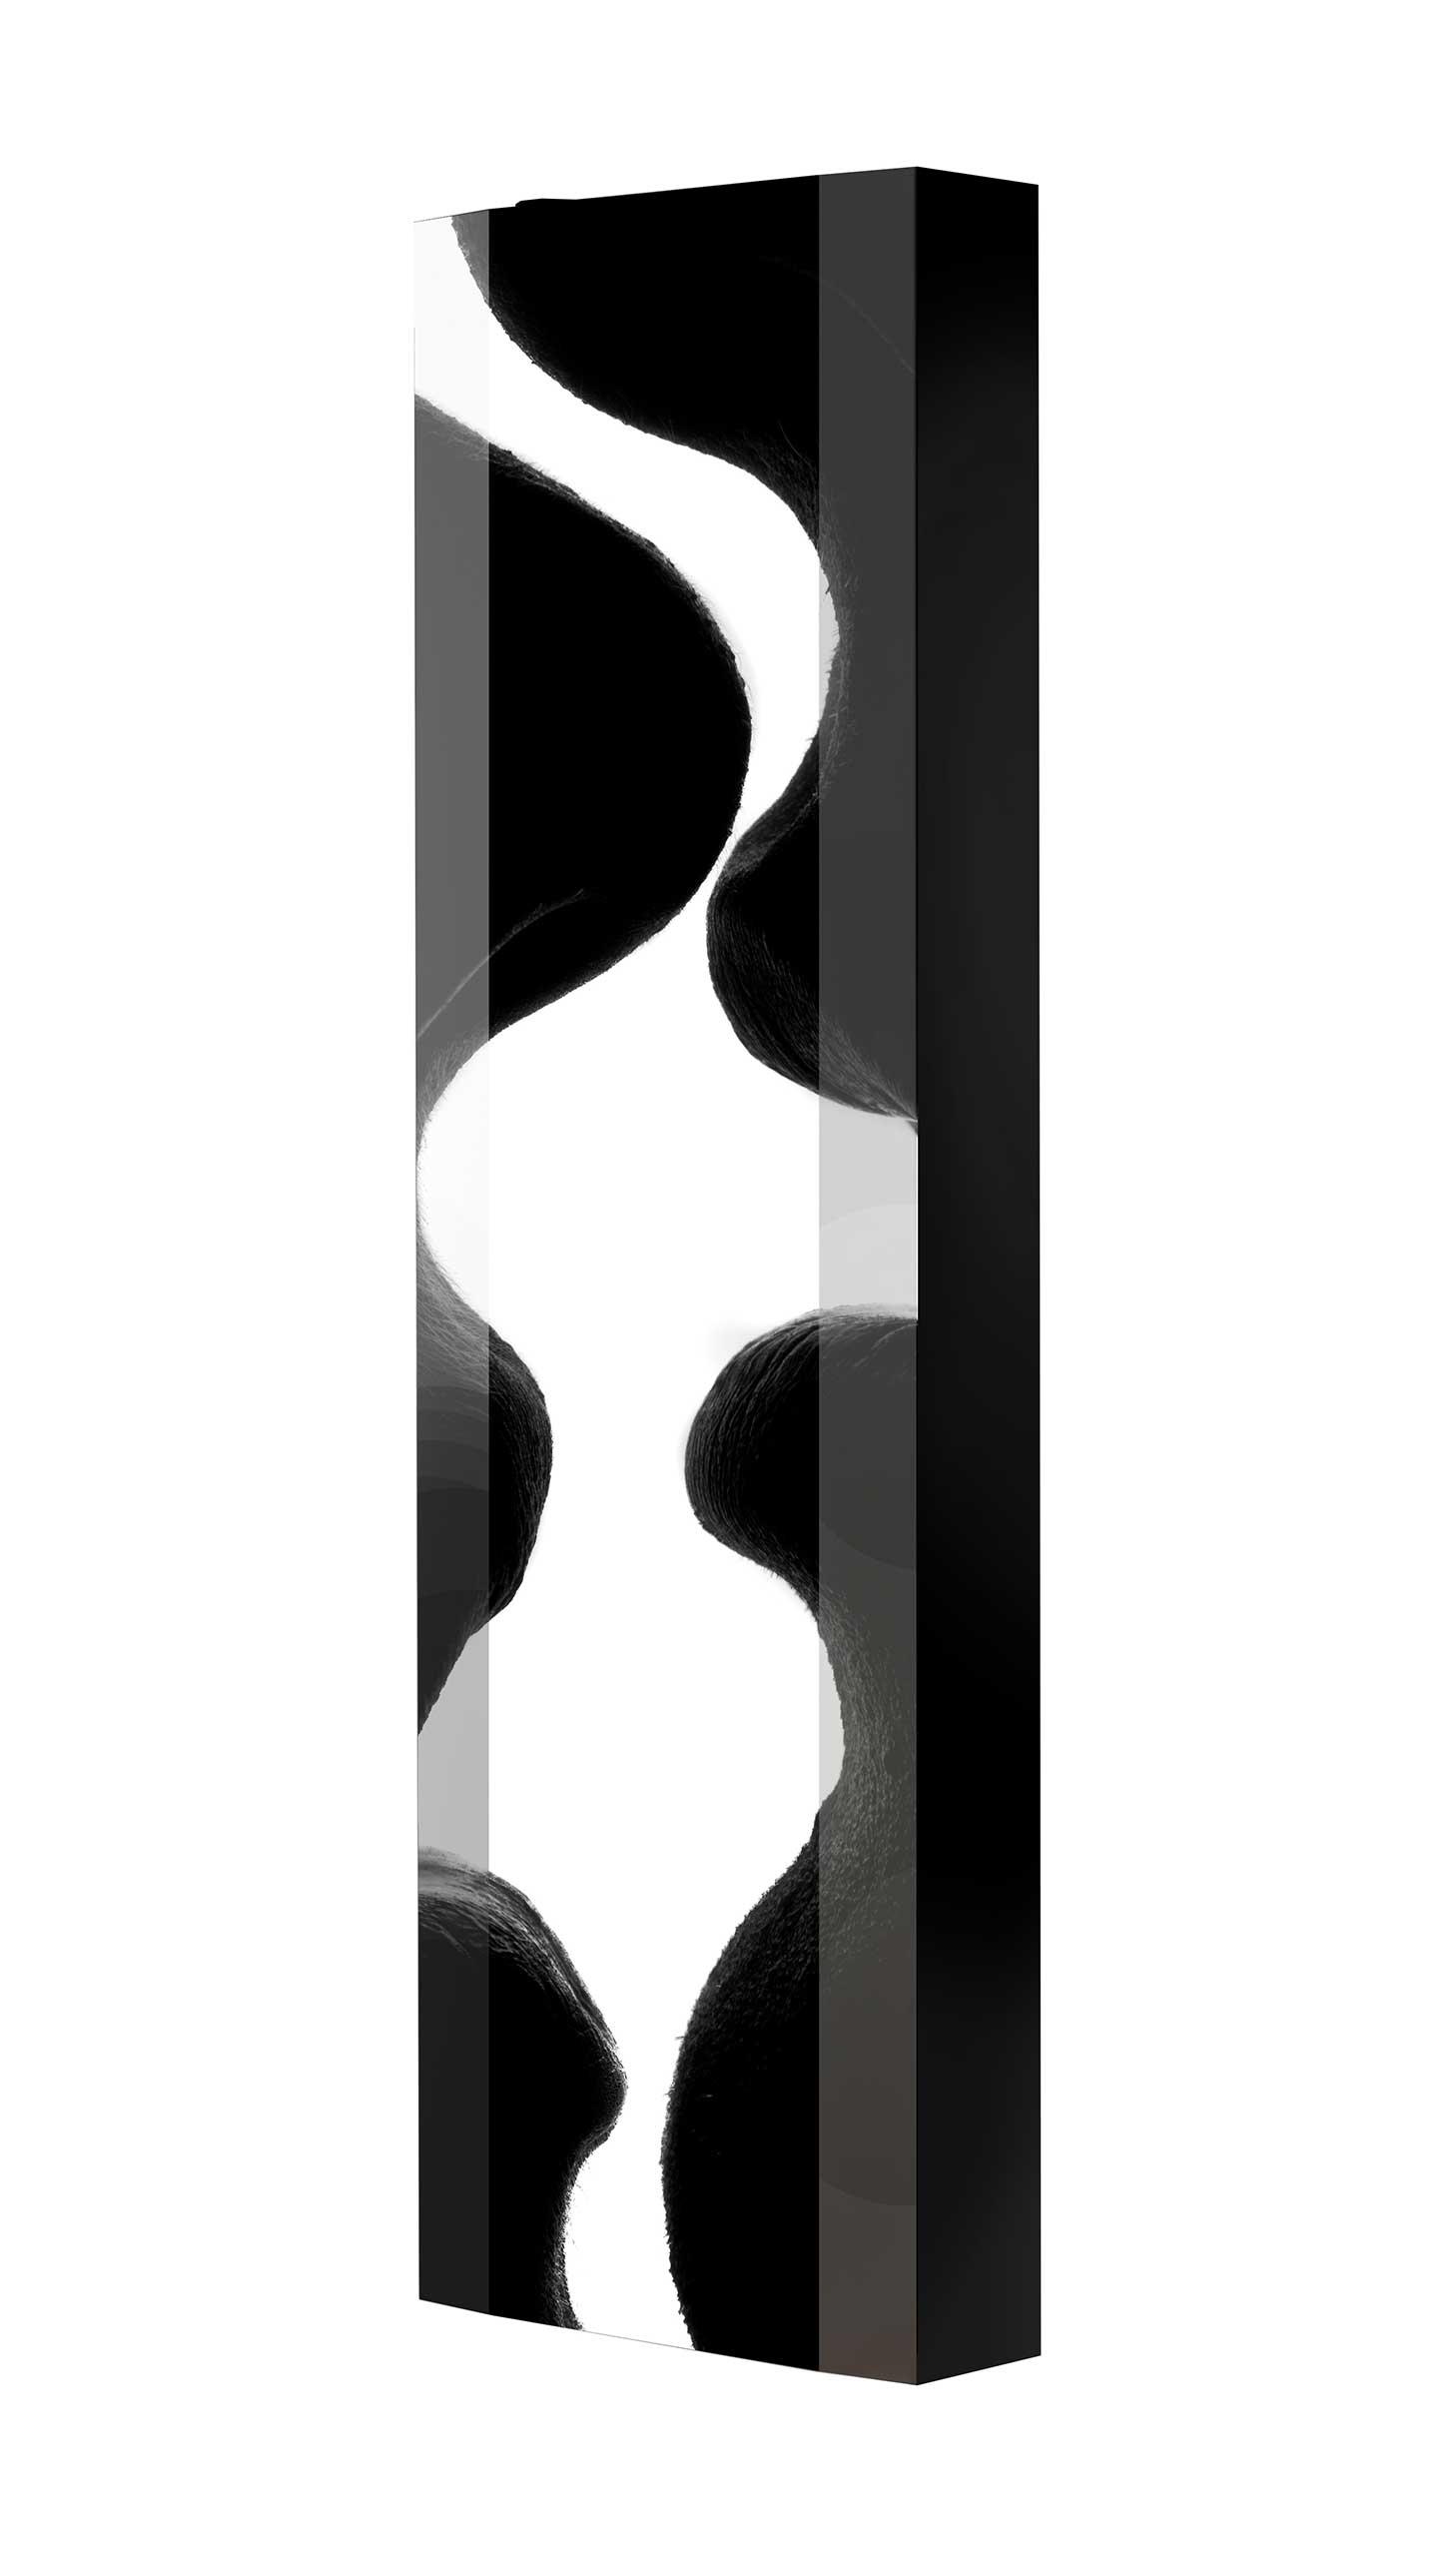 Schuhschrank FLASH 450 BLACK-EDITION Motivschrank schwarz drehbar M05 Lippen Schwarz-Weiß